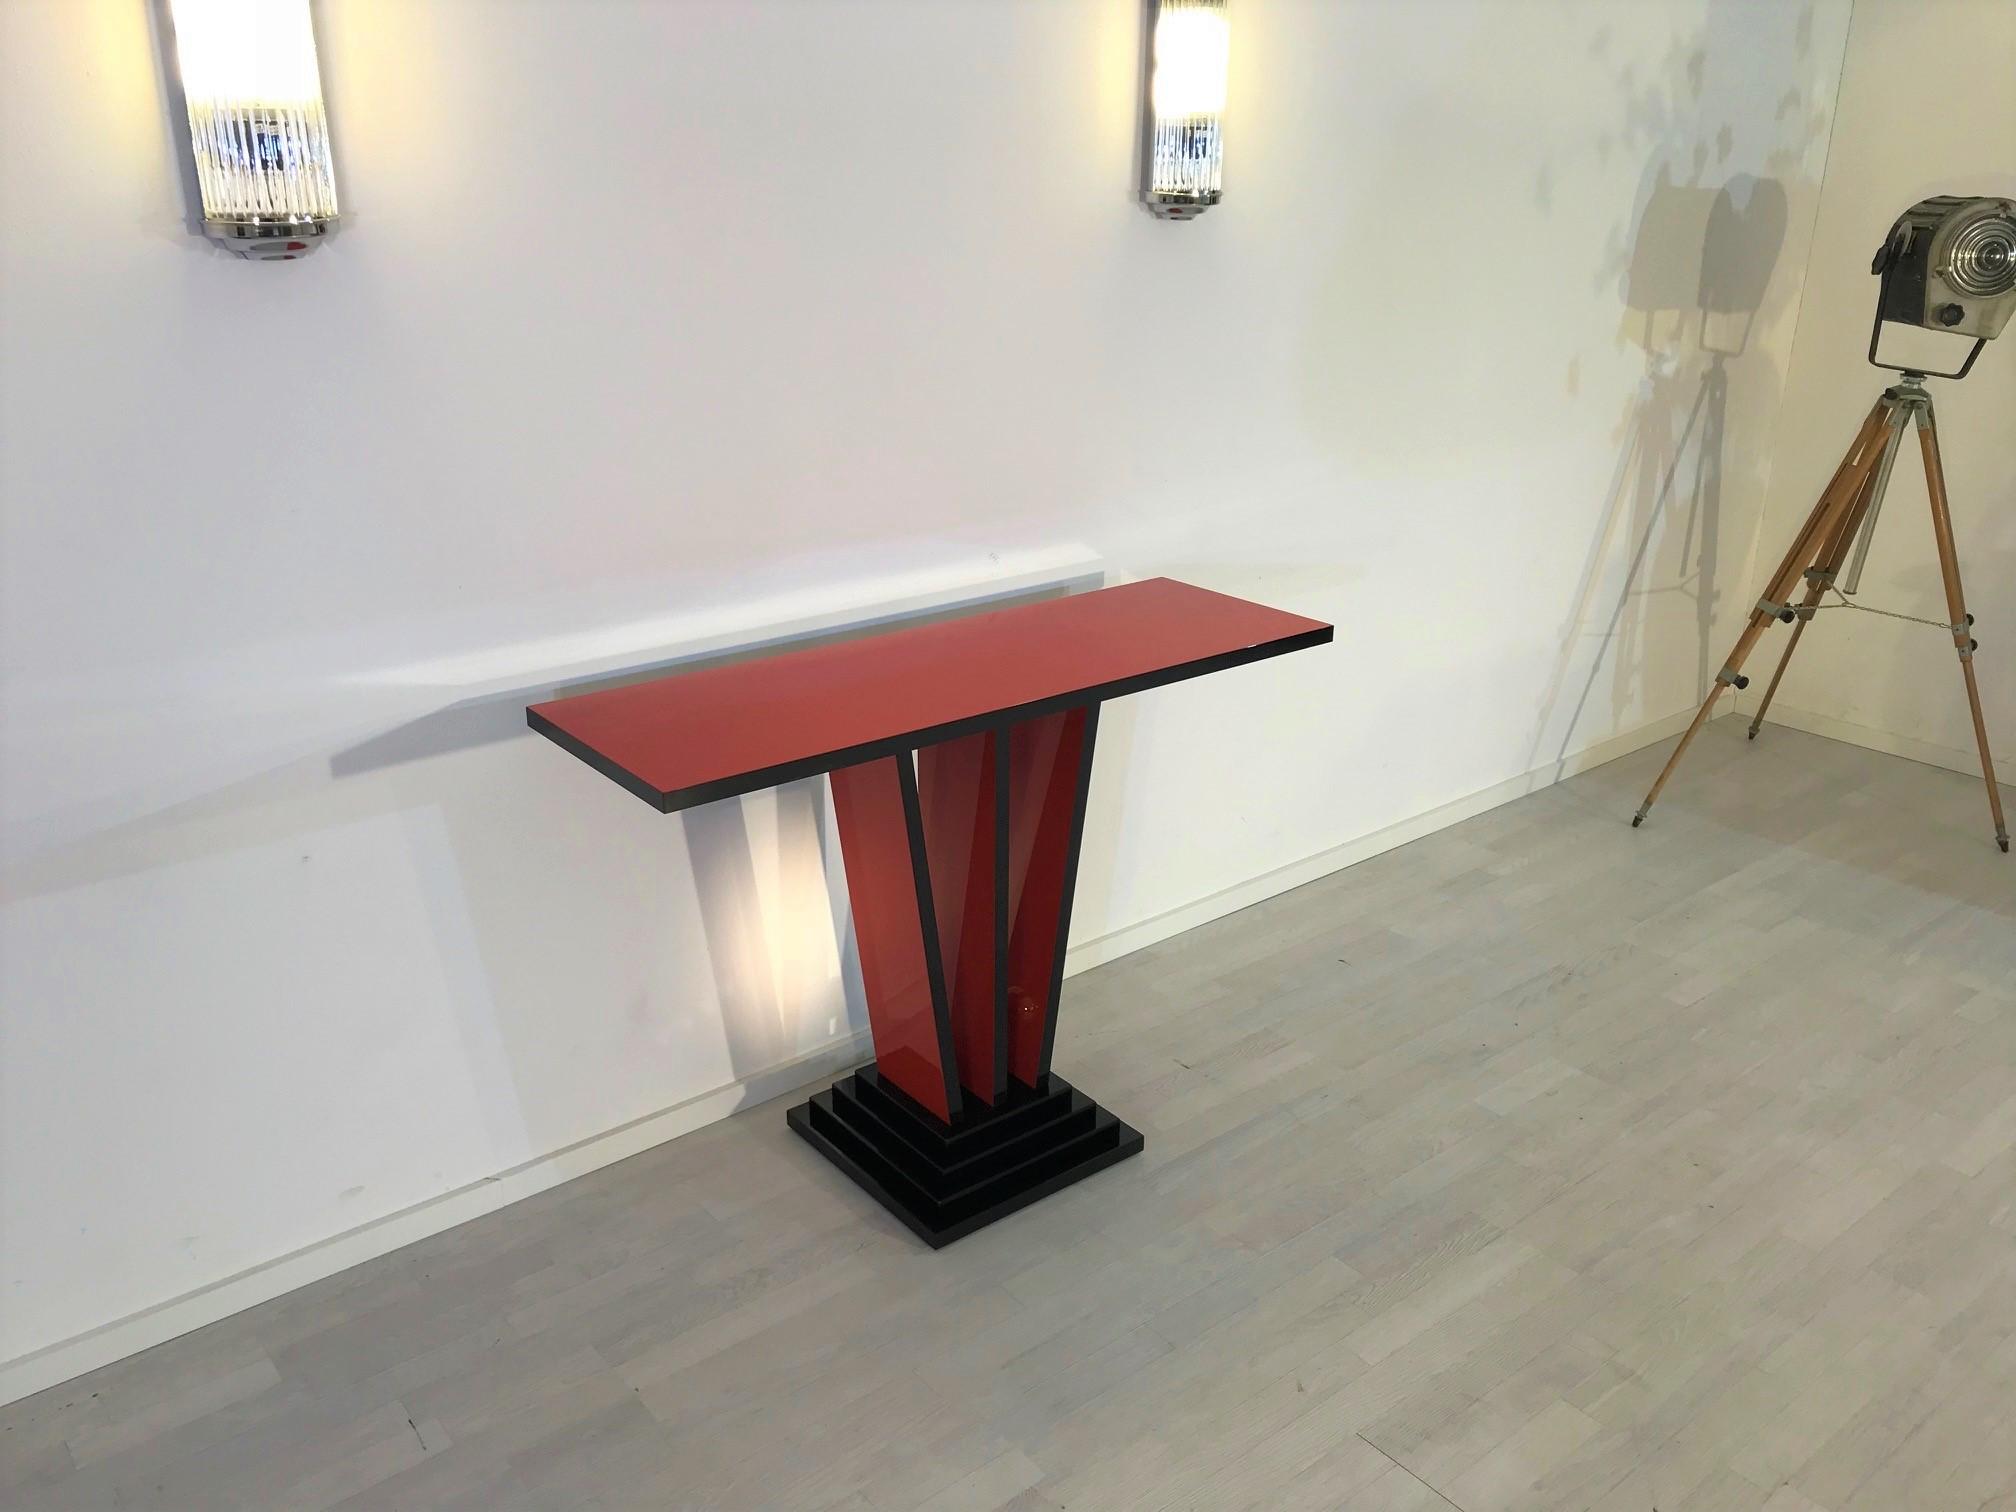 rote schwarze art deco design konsole original antike m bel. Black Bedroom Furniture Sets. Home Design Ideas